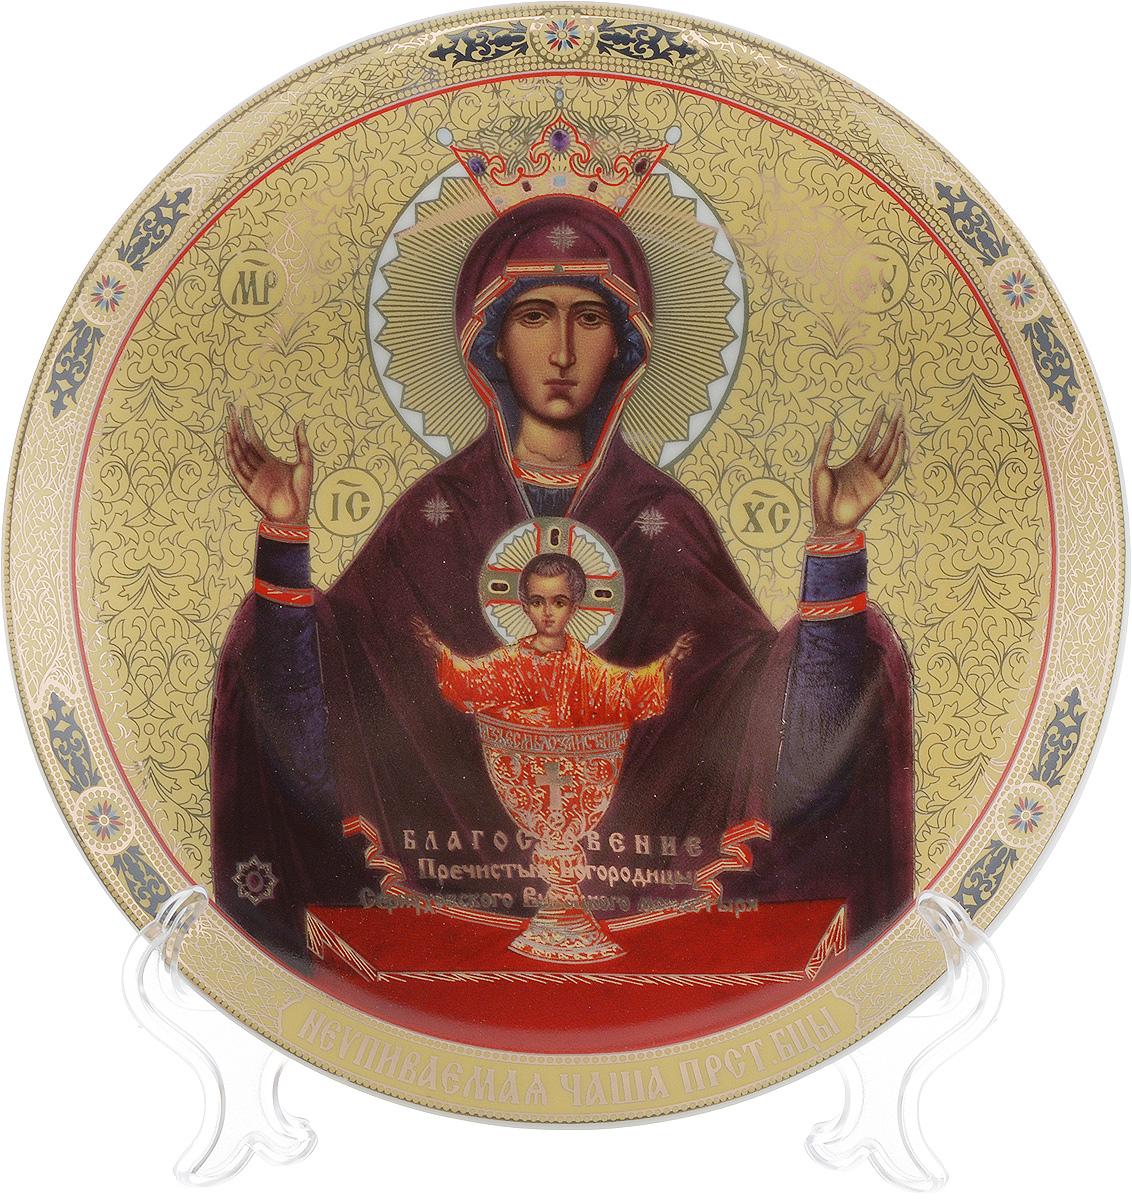 Тарелка декоративная Elan Gallery Пресвятая Богородица. Неупиваемая Чаша, диаметр 18 см набор для вышивания бисером светлица пресвятая богородица семистрельная 12 см х 16 см page 11